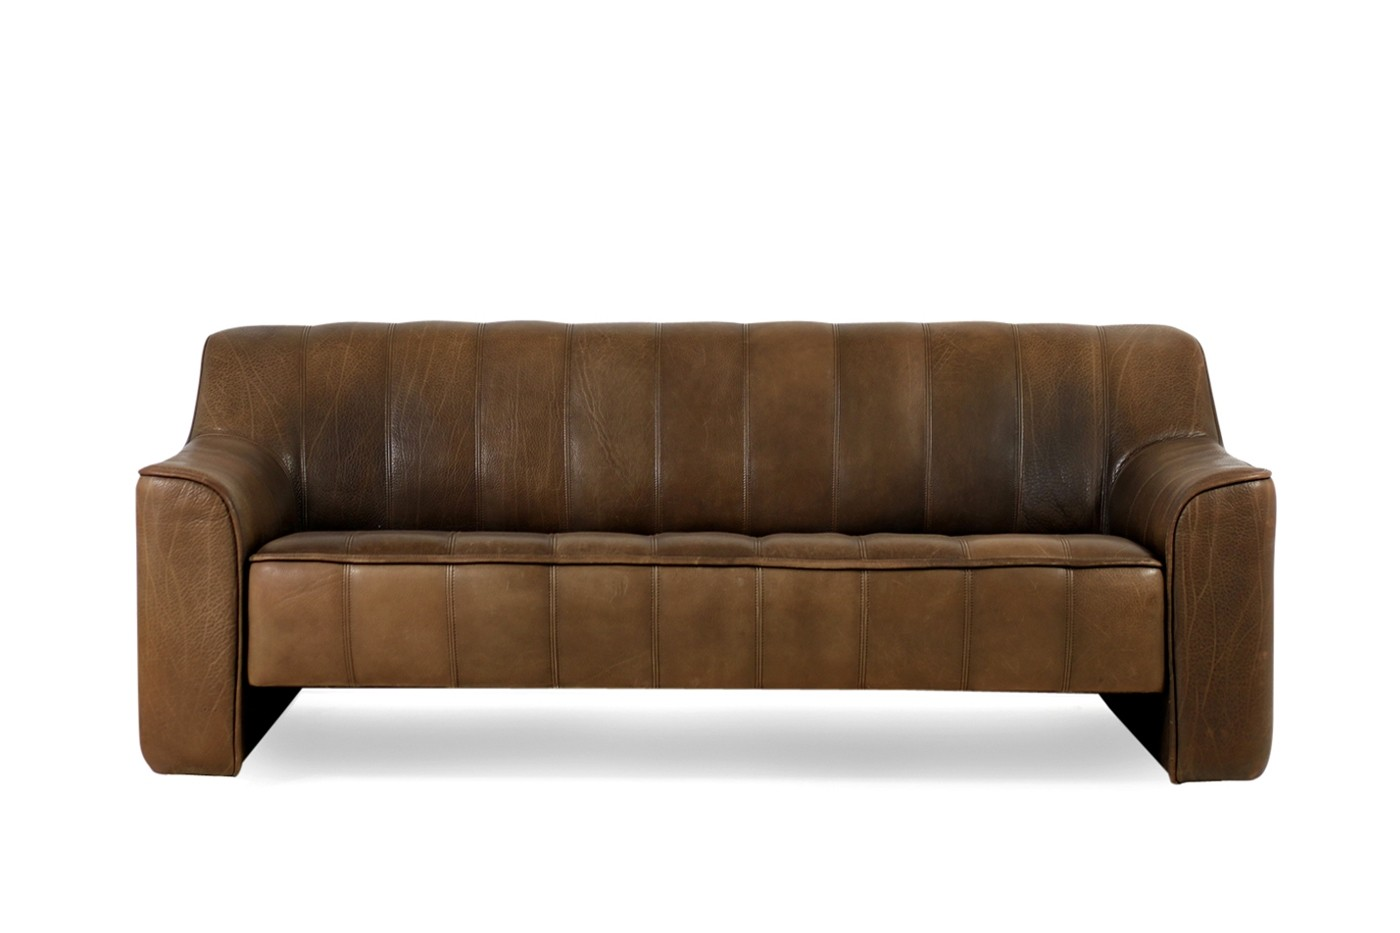 Full Size of 1970s De Sede Ds 44 Three Seat Sofa Brown Buffalo Leather Deckenleuchten Bad Deko Schlafzimmer Kommode Schwimmingpool Für Den Garten Mit Recamiere Blende Sofa De Sede Sofa